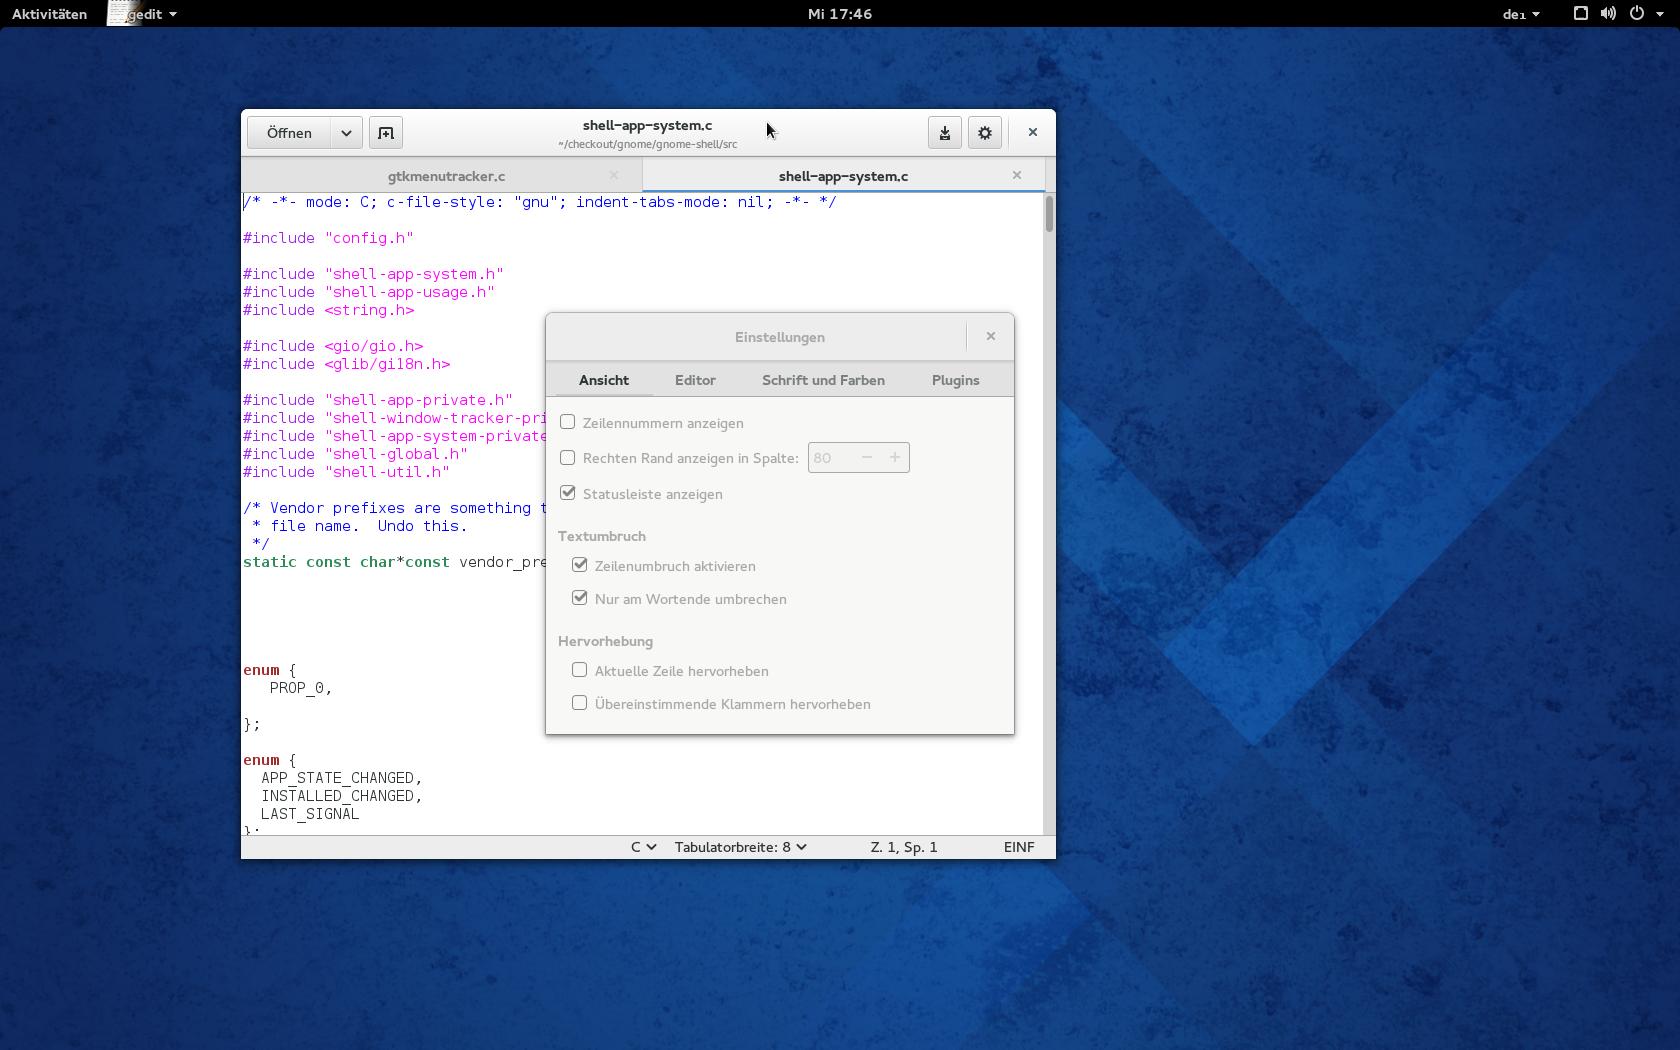 Gnome 3.12 angesehen: Wayland lässt weiter auf sich warten - Gedit mit neuem UI<br>(Bild: Screenshot/Golem.de)